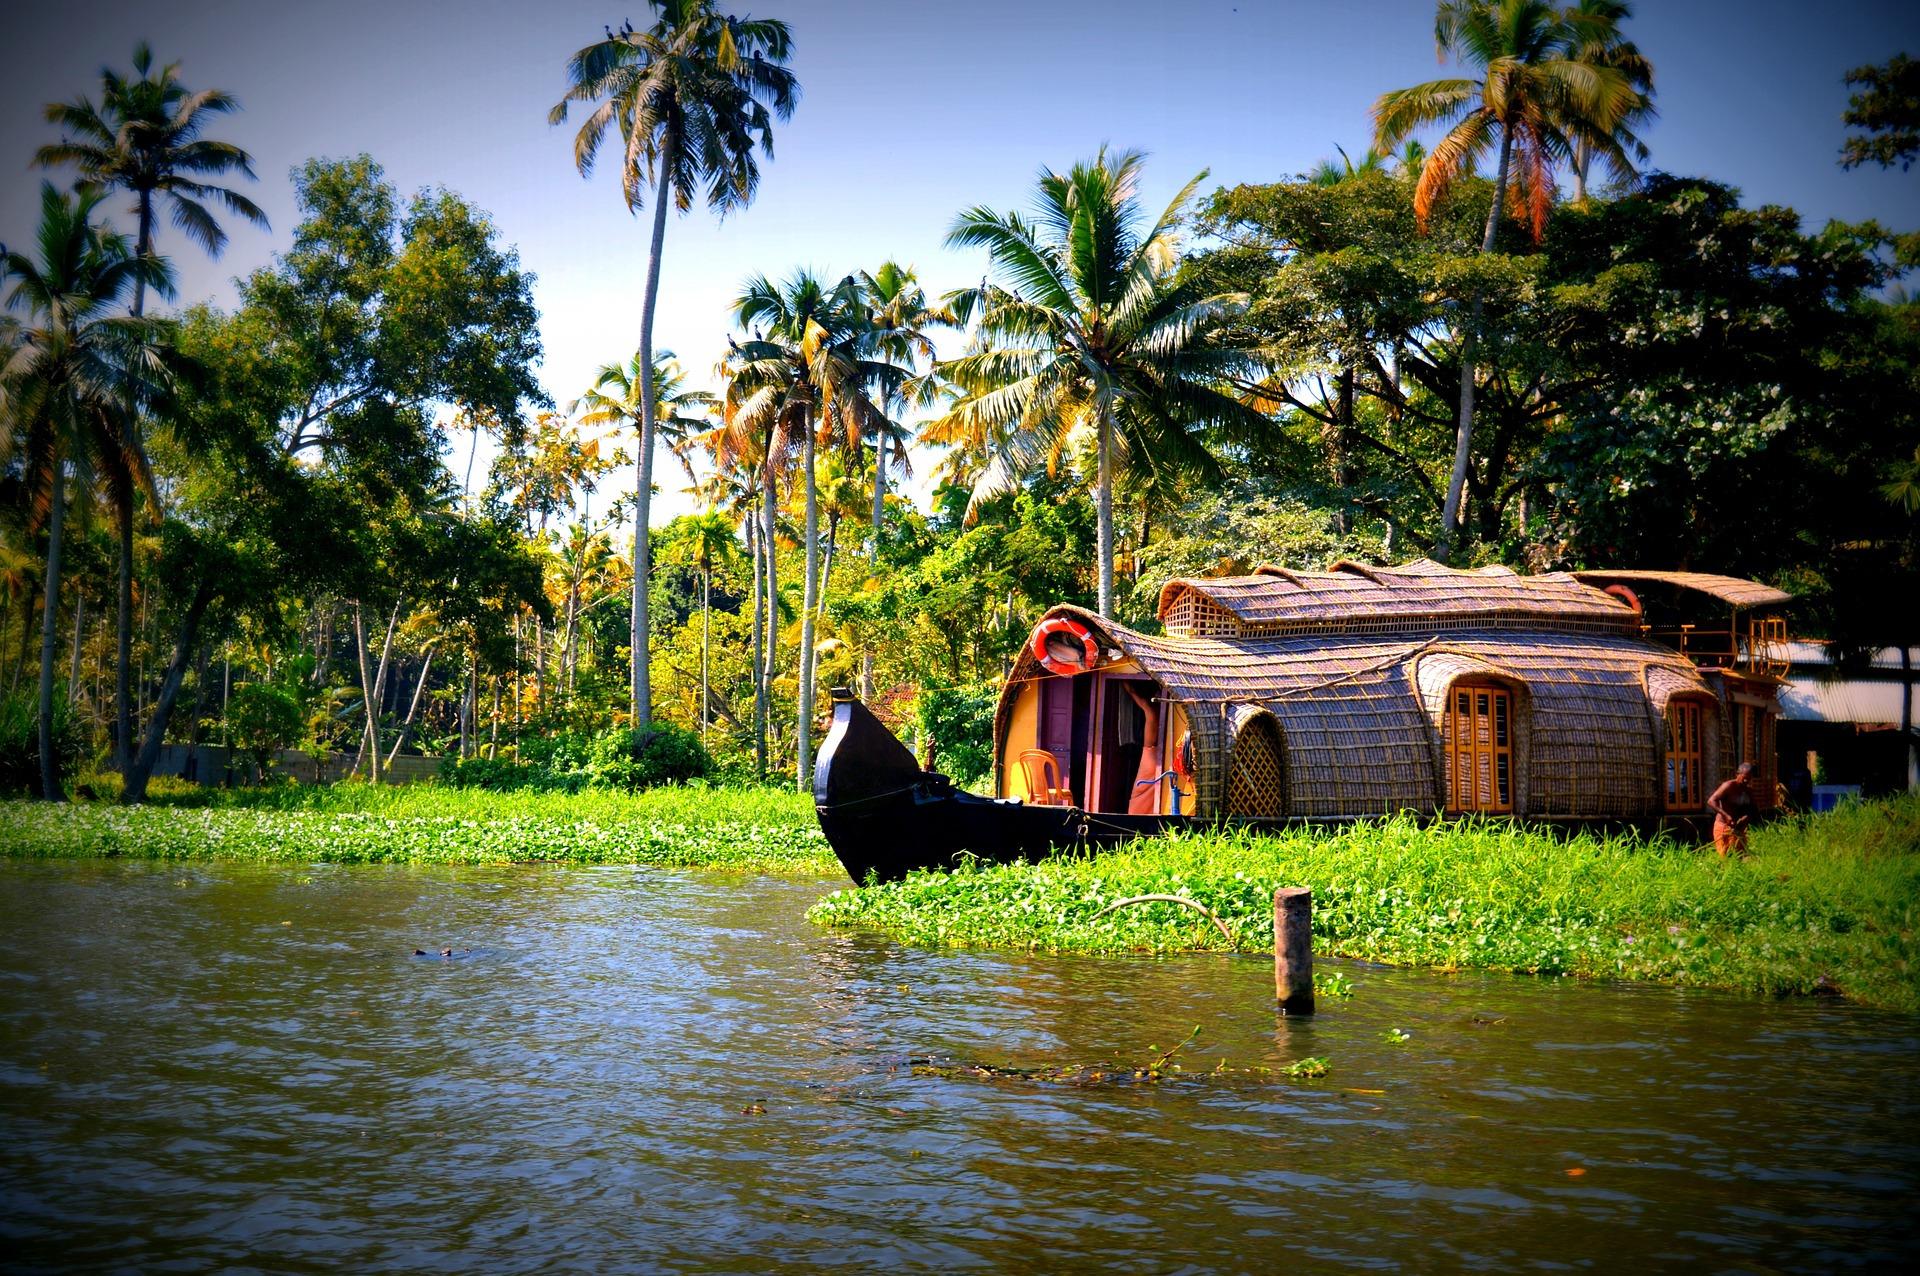 颠覆你的世界观_印度这6个浪漫的地方,将颠覆你对印度的印象_乌代布尔